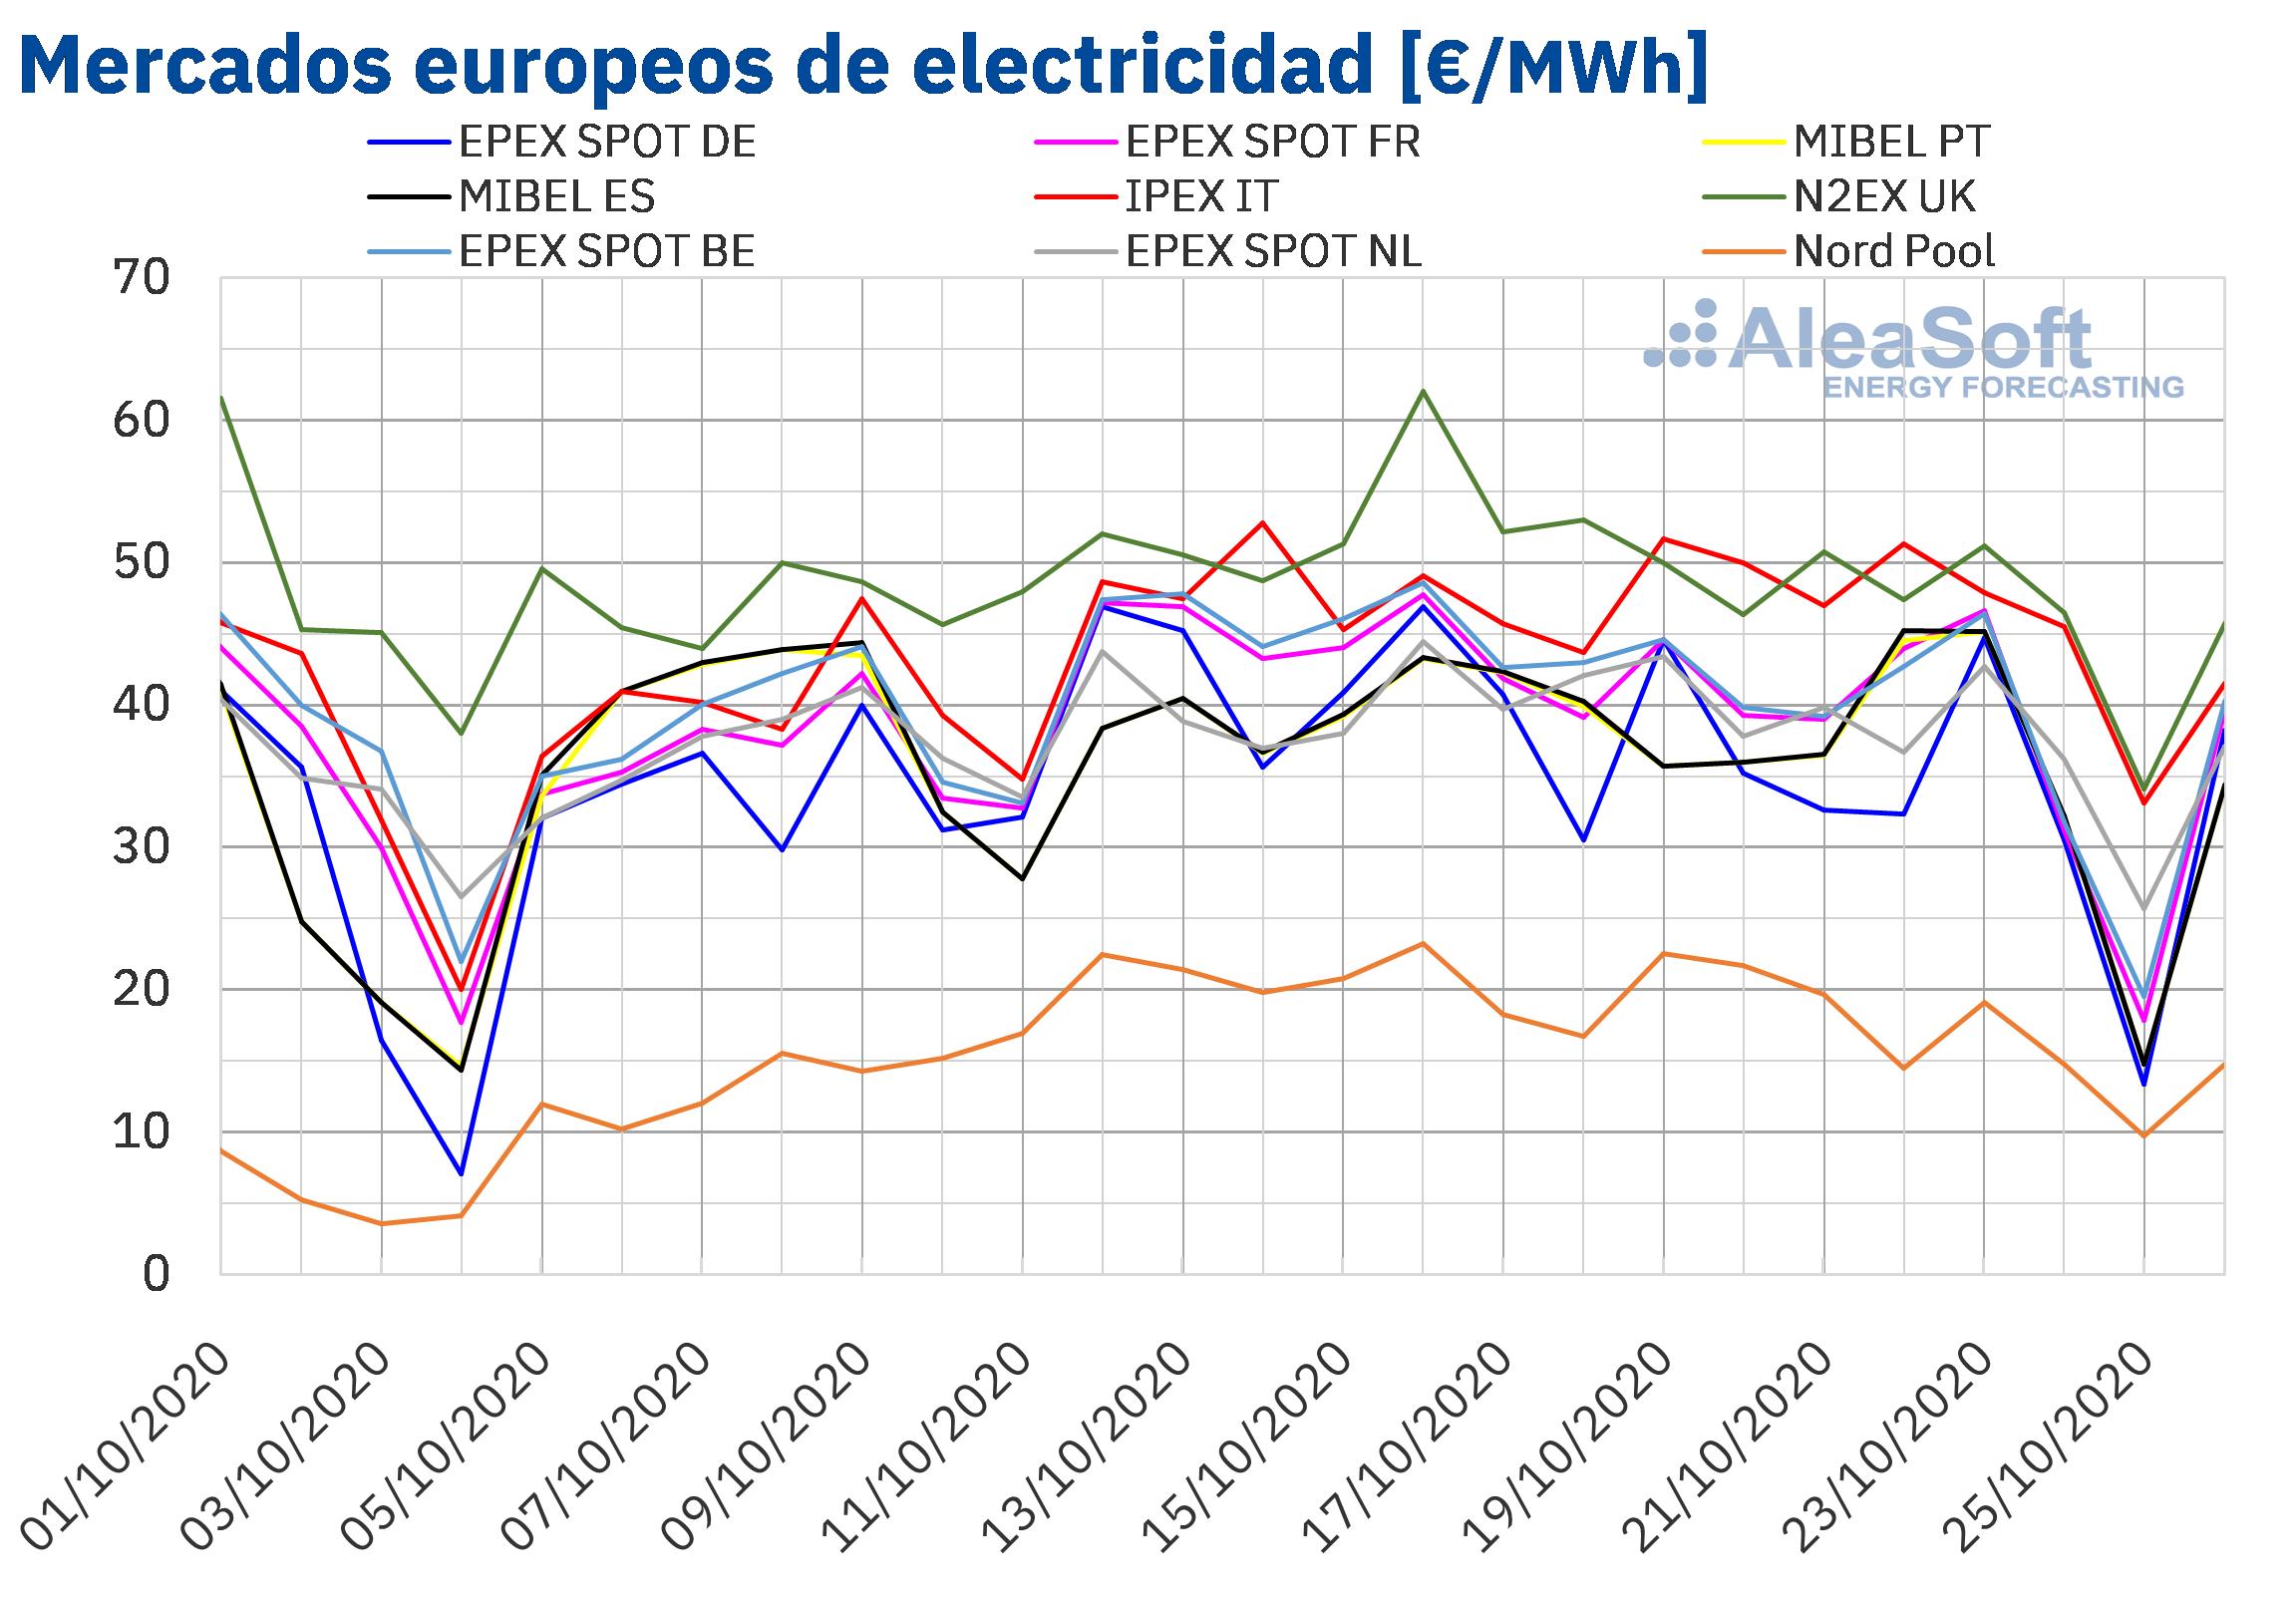 Fotografia Precios de mercados europeos de electricidad